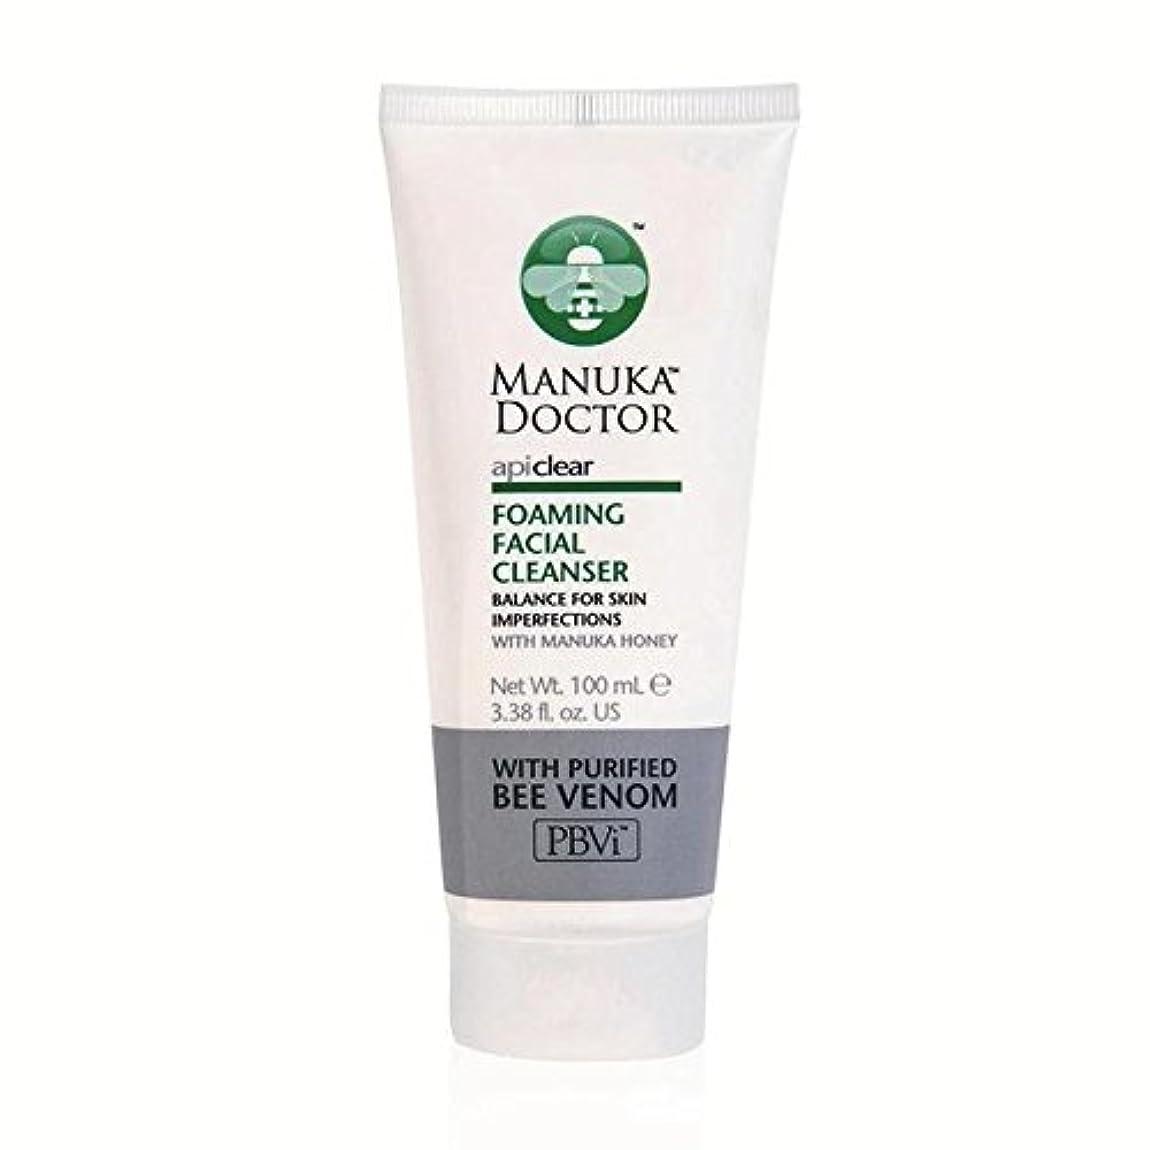 経由で旅客カニManuka Doctor Api Clear Foaming Facial Cleanser 100ml - マヌカドクター明確な泡立ち洗顔料の100ミリリットル [並行輸入品]